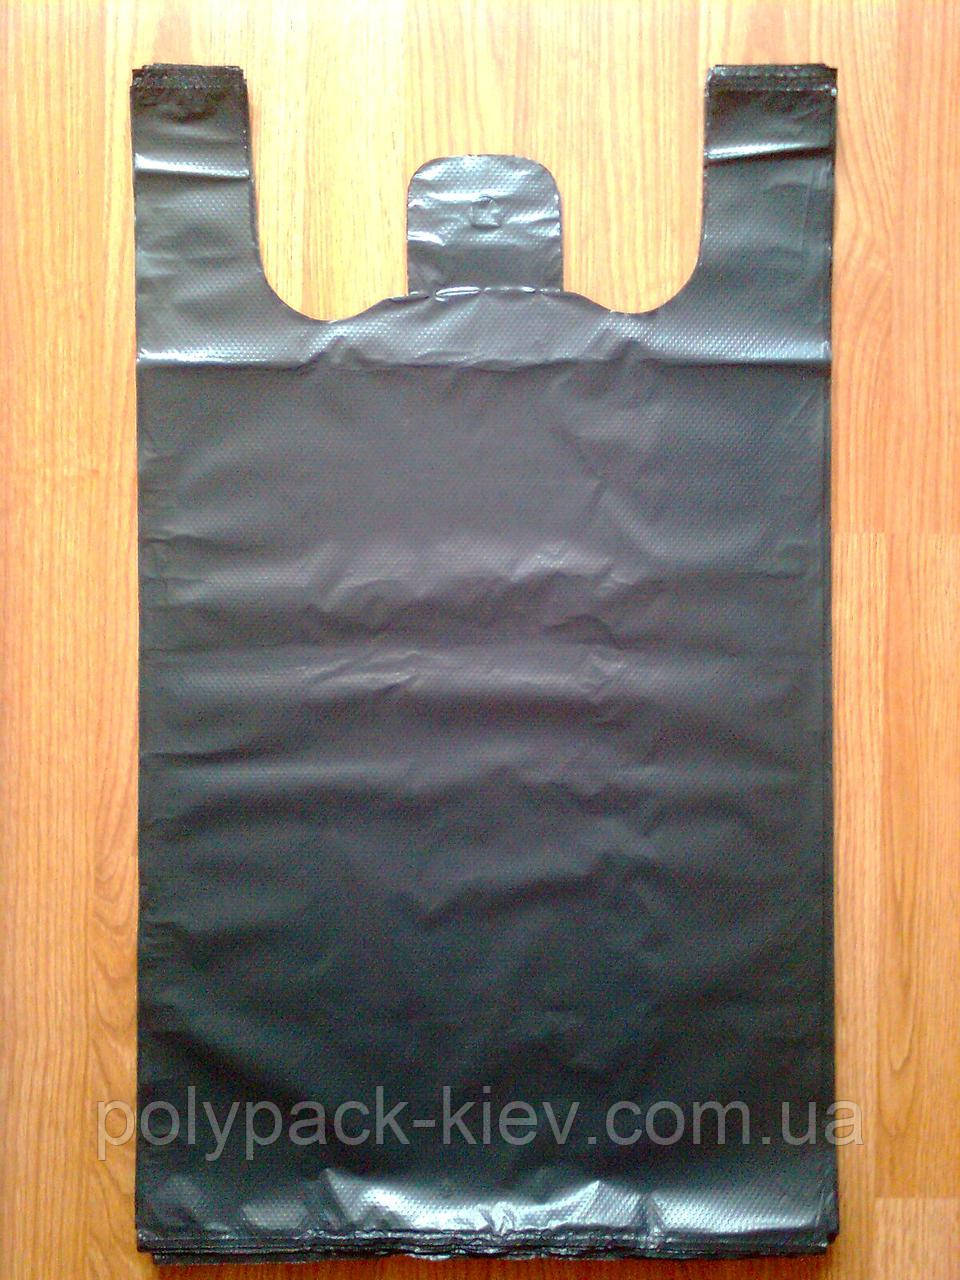 Пакети-майка 44*75 див. суперміцні без печатки чорні, щільний пакет без логотипу тип BMW, міцні кульки БМВ